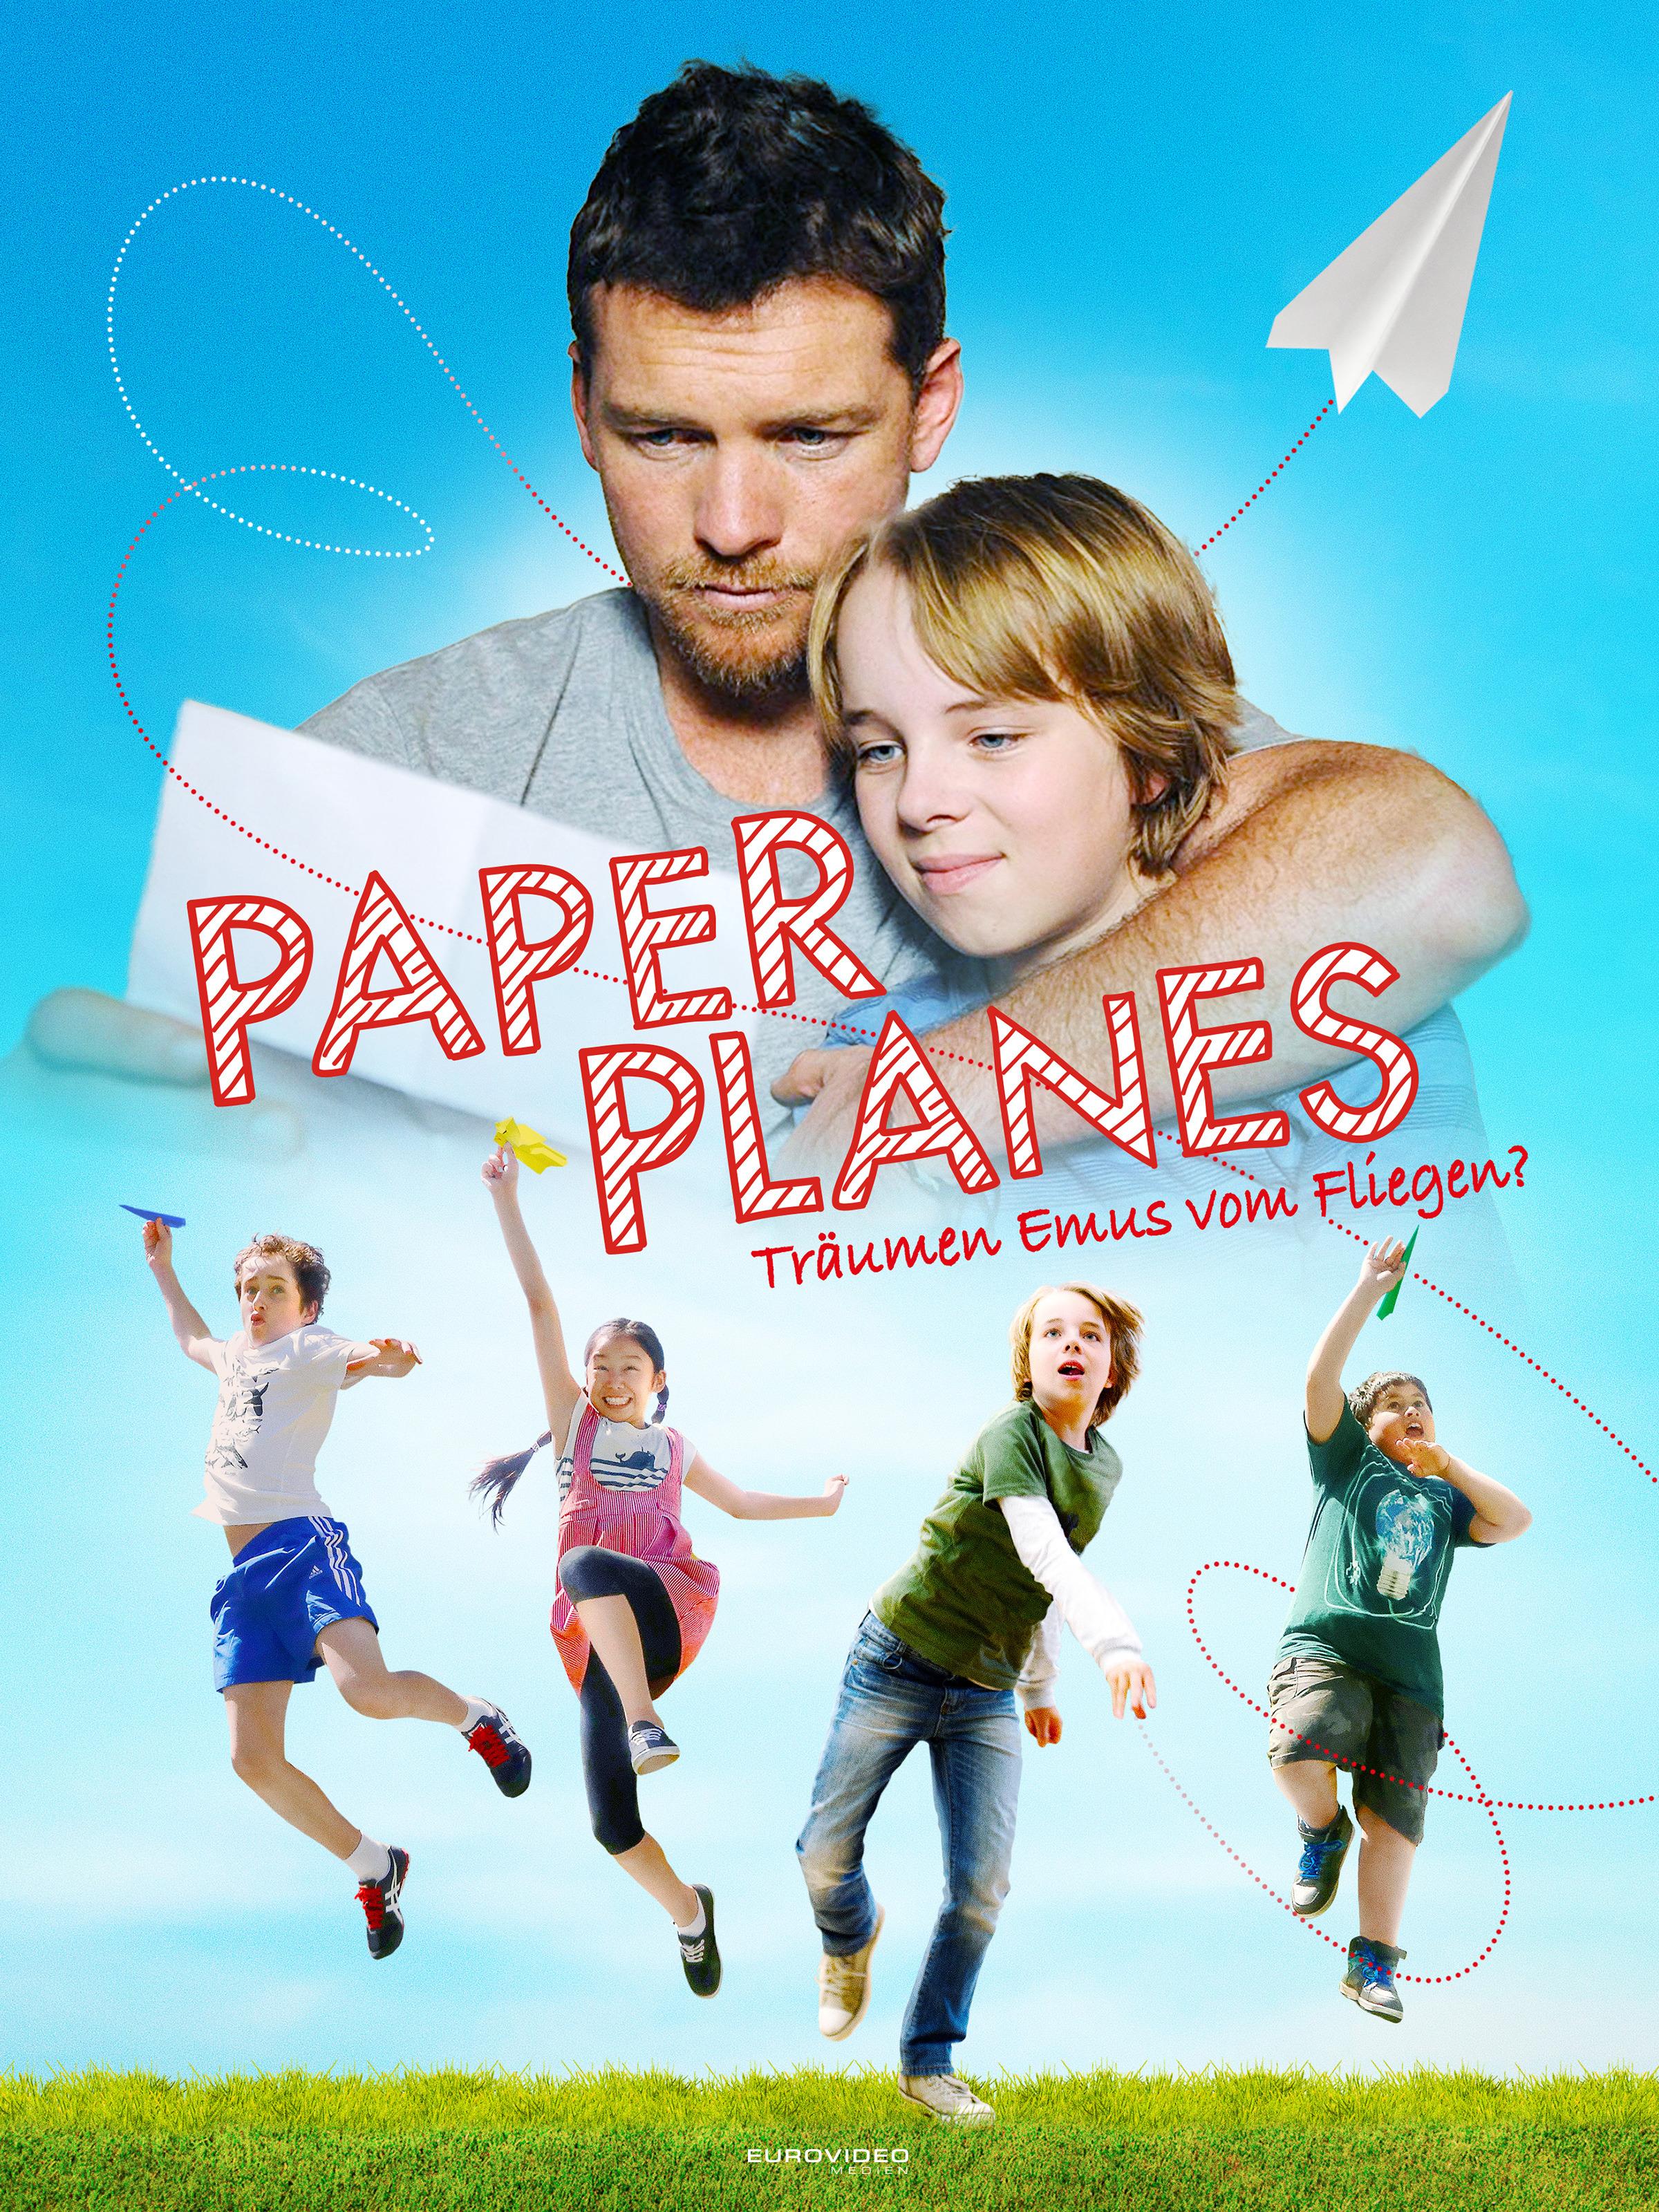 Paper Planes - Träumen Emus vom Fliegen?